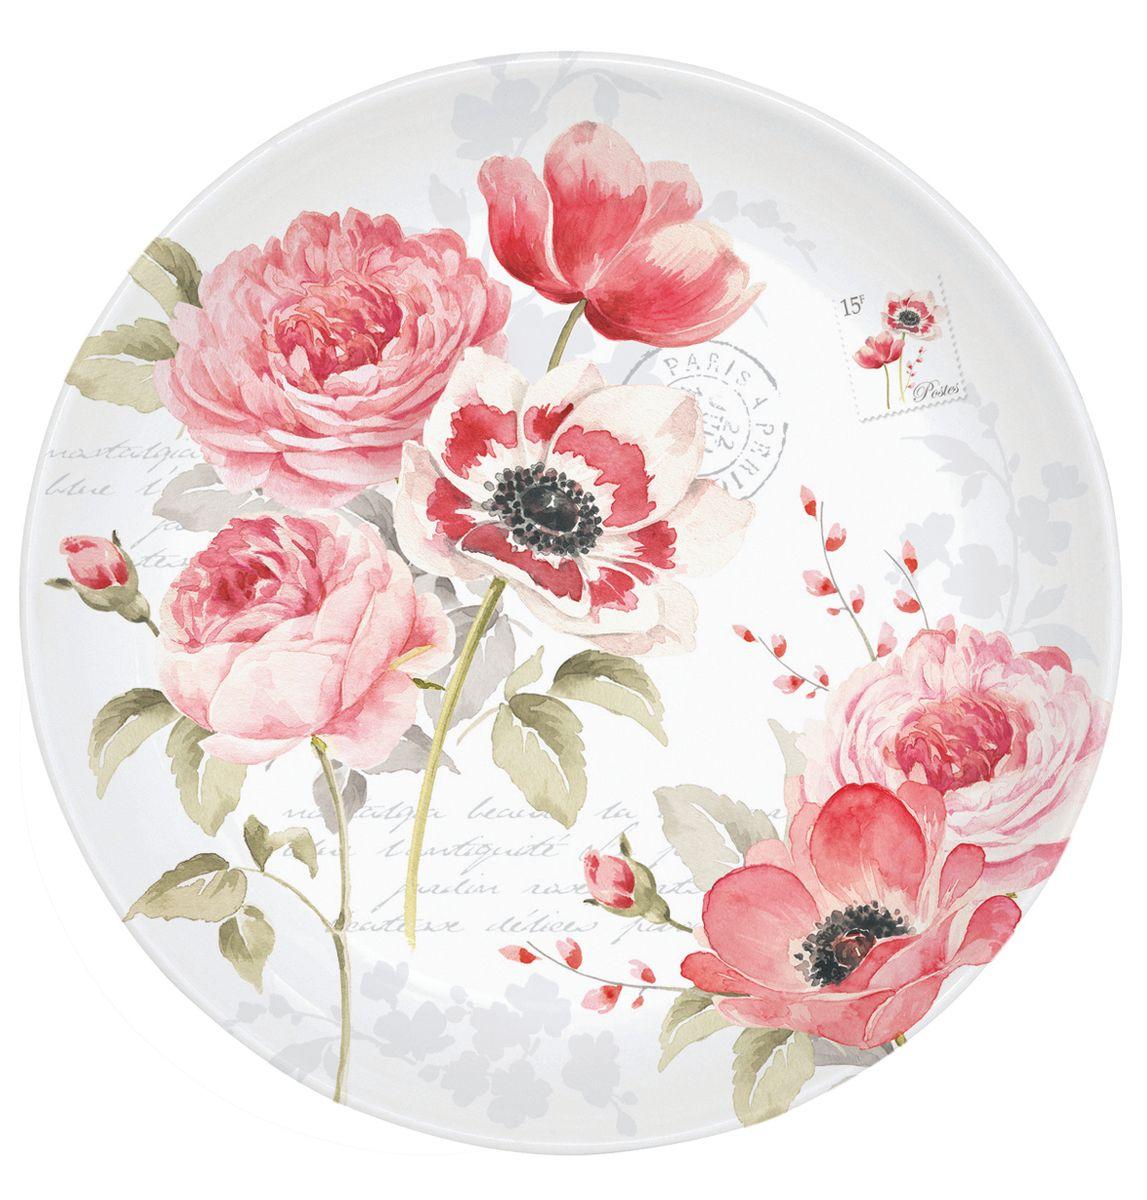 Блюдце Nuova R2S Пионы, диаметр 10 см115510Блюдце Nuova R2S Пионы выполнено из высококачественного фарфора. Изделие оформлено цветочным рисунком и надписями. Изящное блюдце не только красиво оформит стол к чаепитию, но и станет прекрасным подарком друзьям и близким.Диаметр блюдца: 10 см.